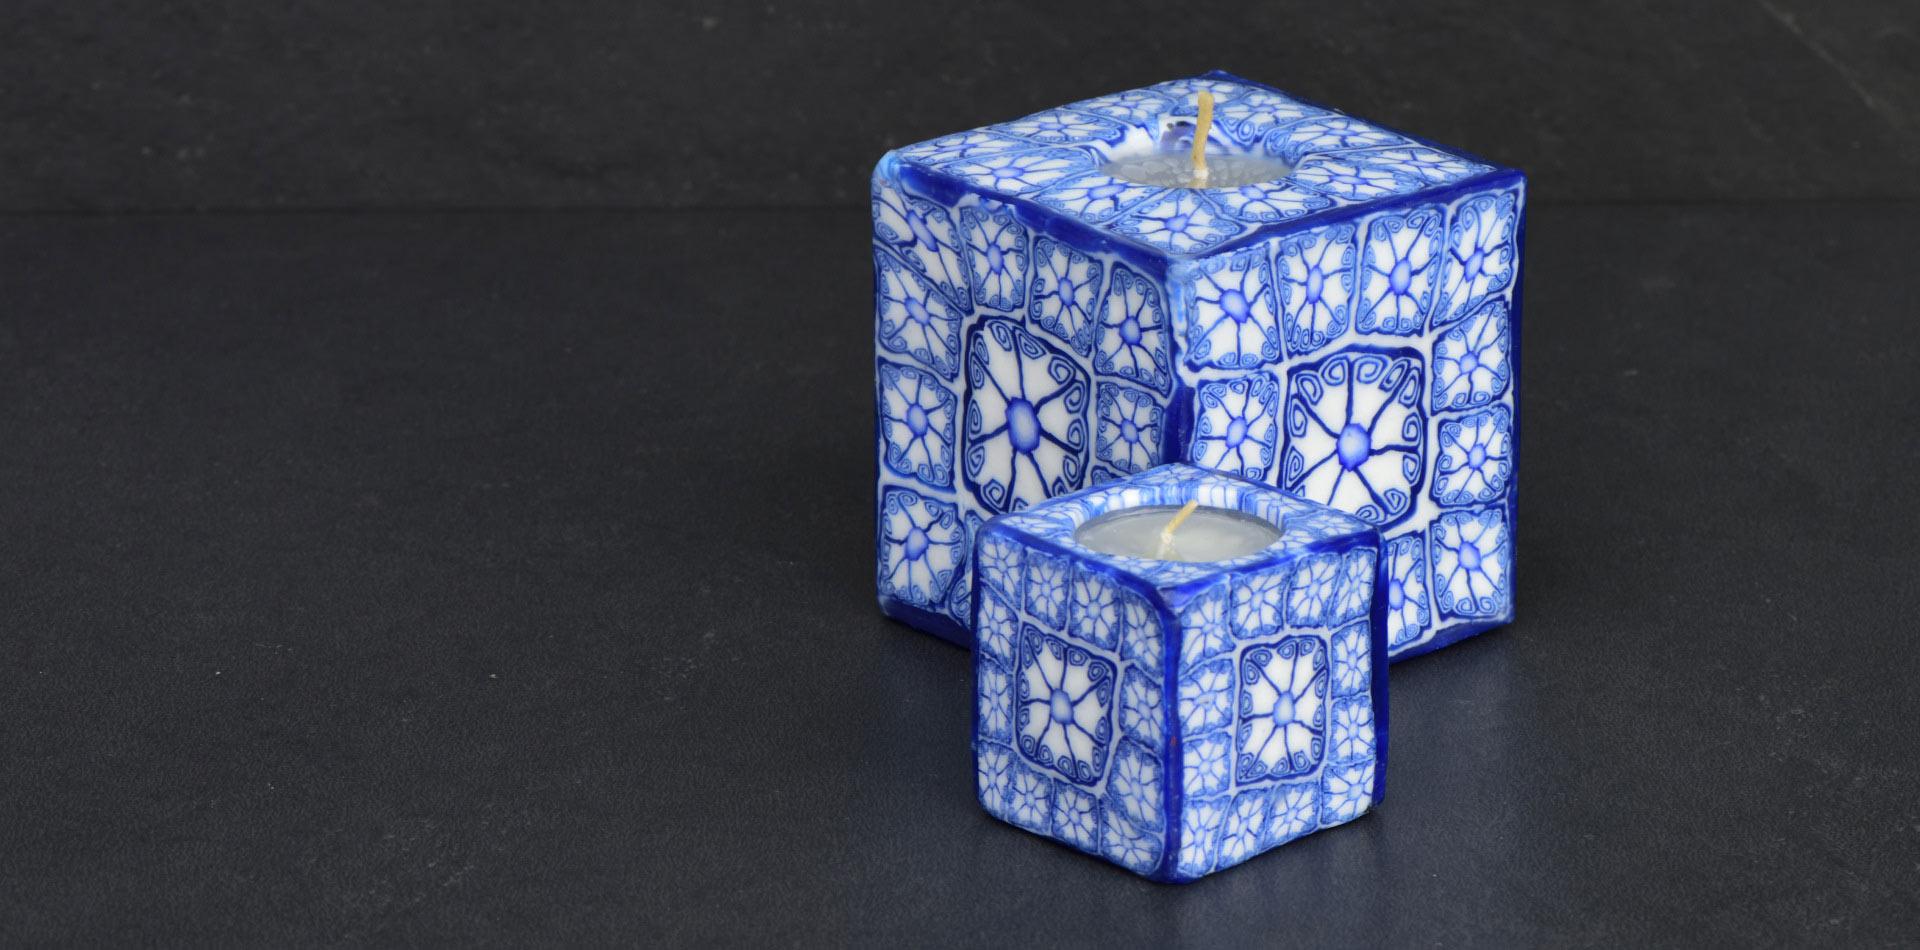 Kerzenset Modell Delft, Farbe: blau-weiss, Form: Würfel. Handgemachte Designkerze. Kerzen online kaufen